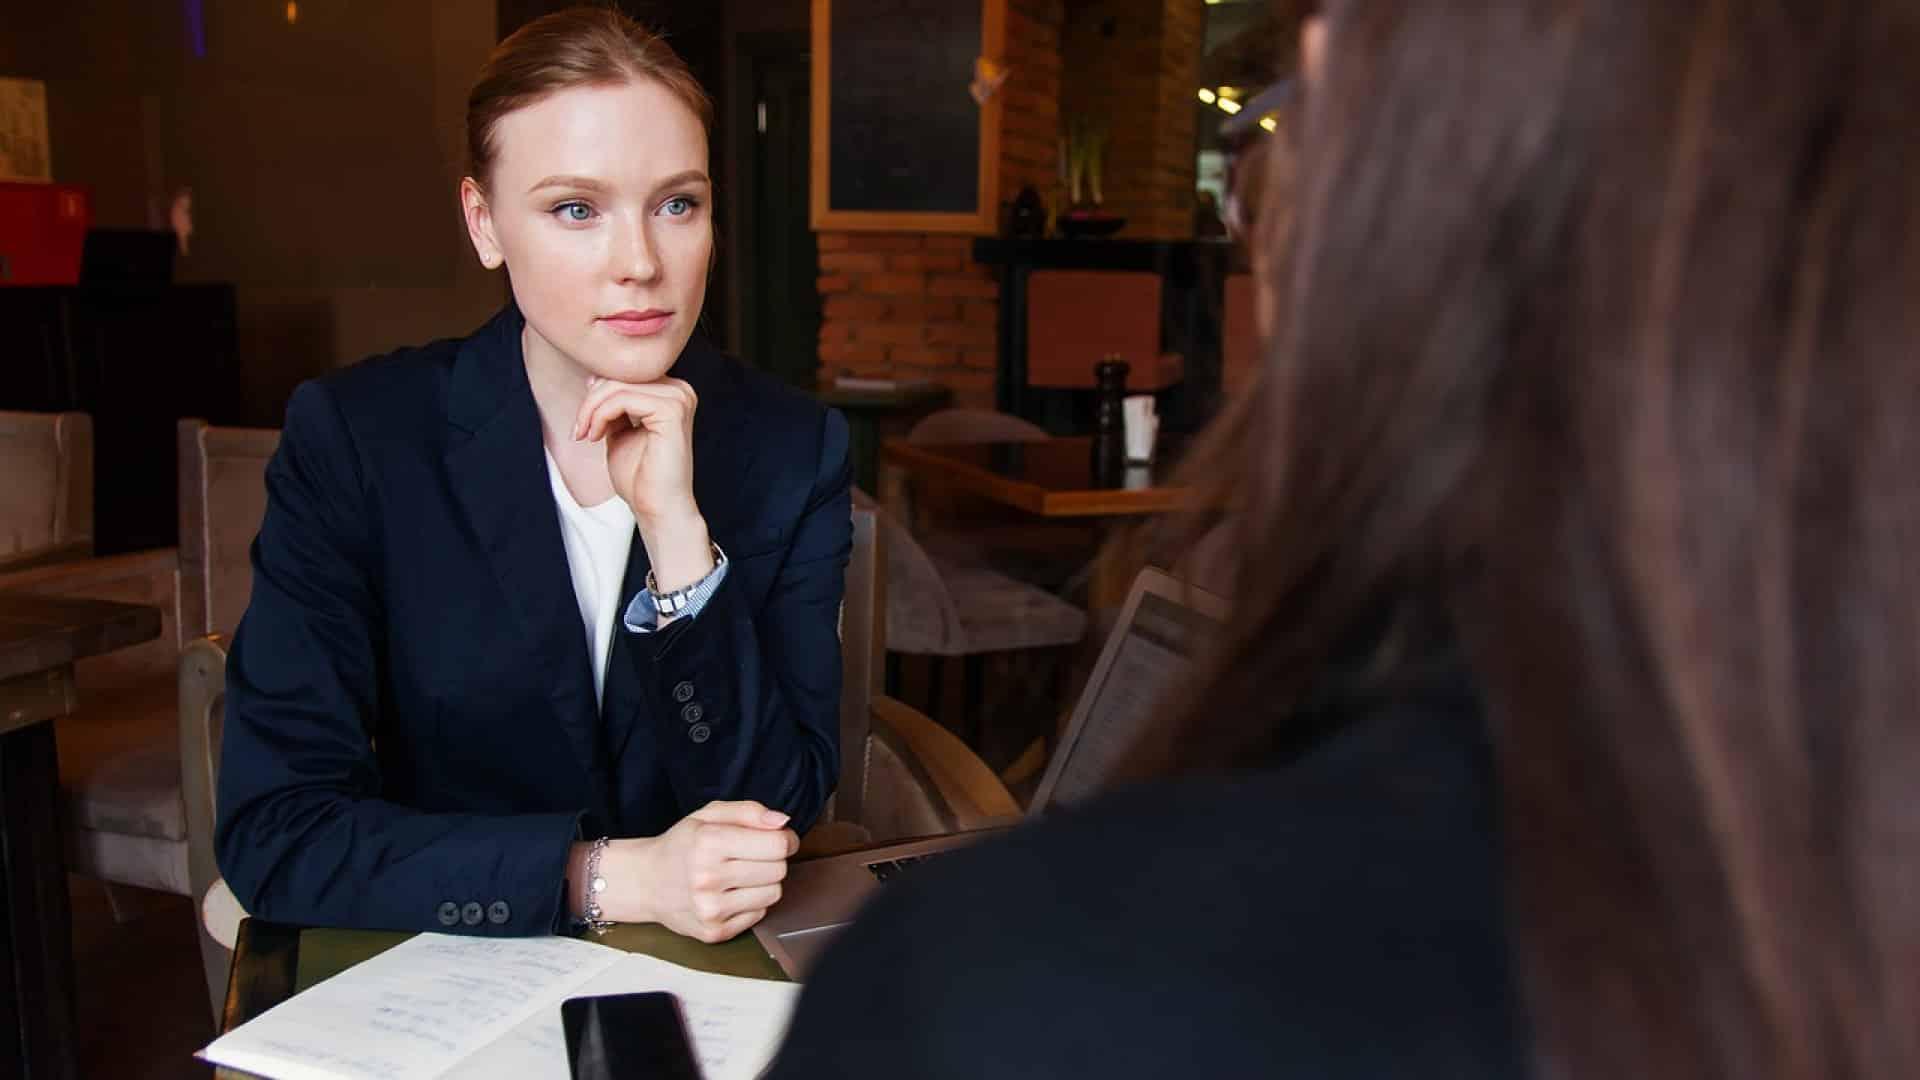 Risques psychosociaux en entreprise : comment les prévenir ?